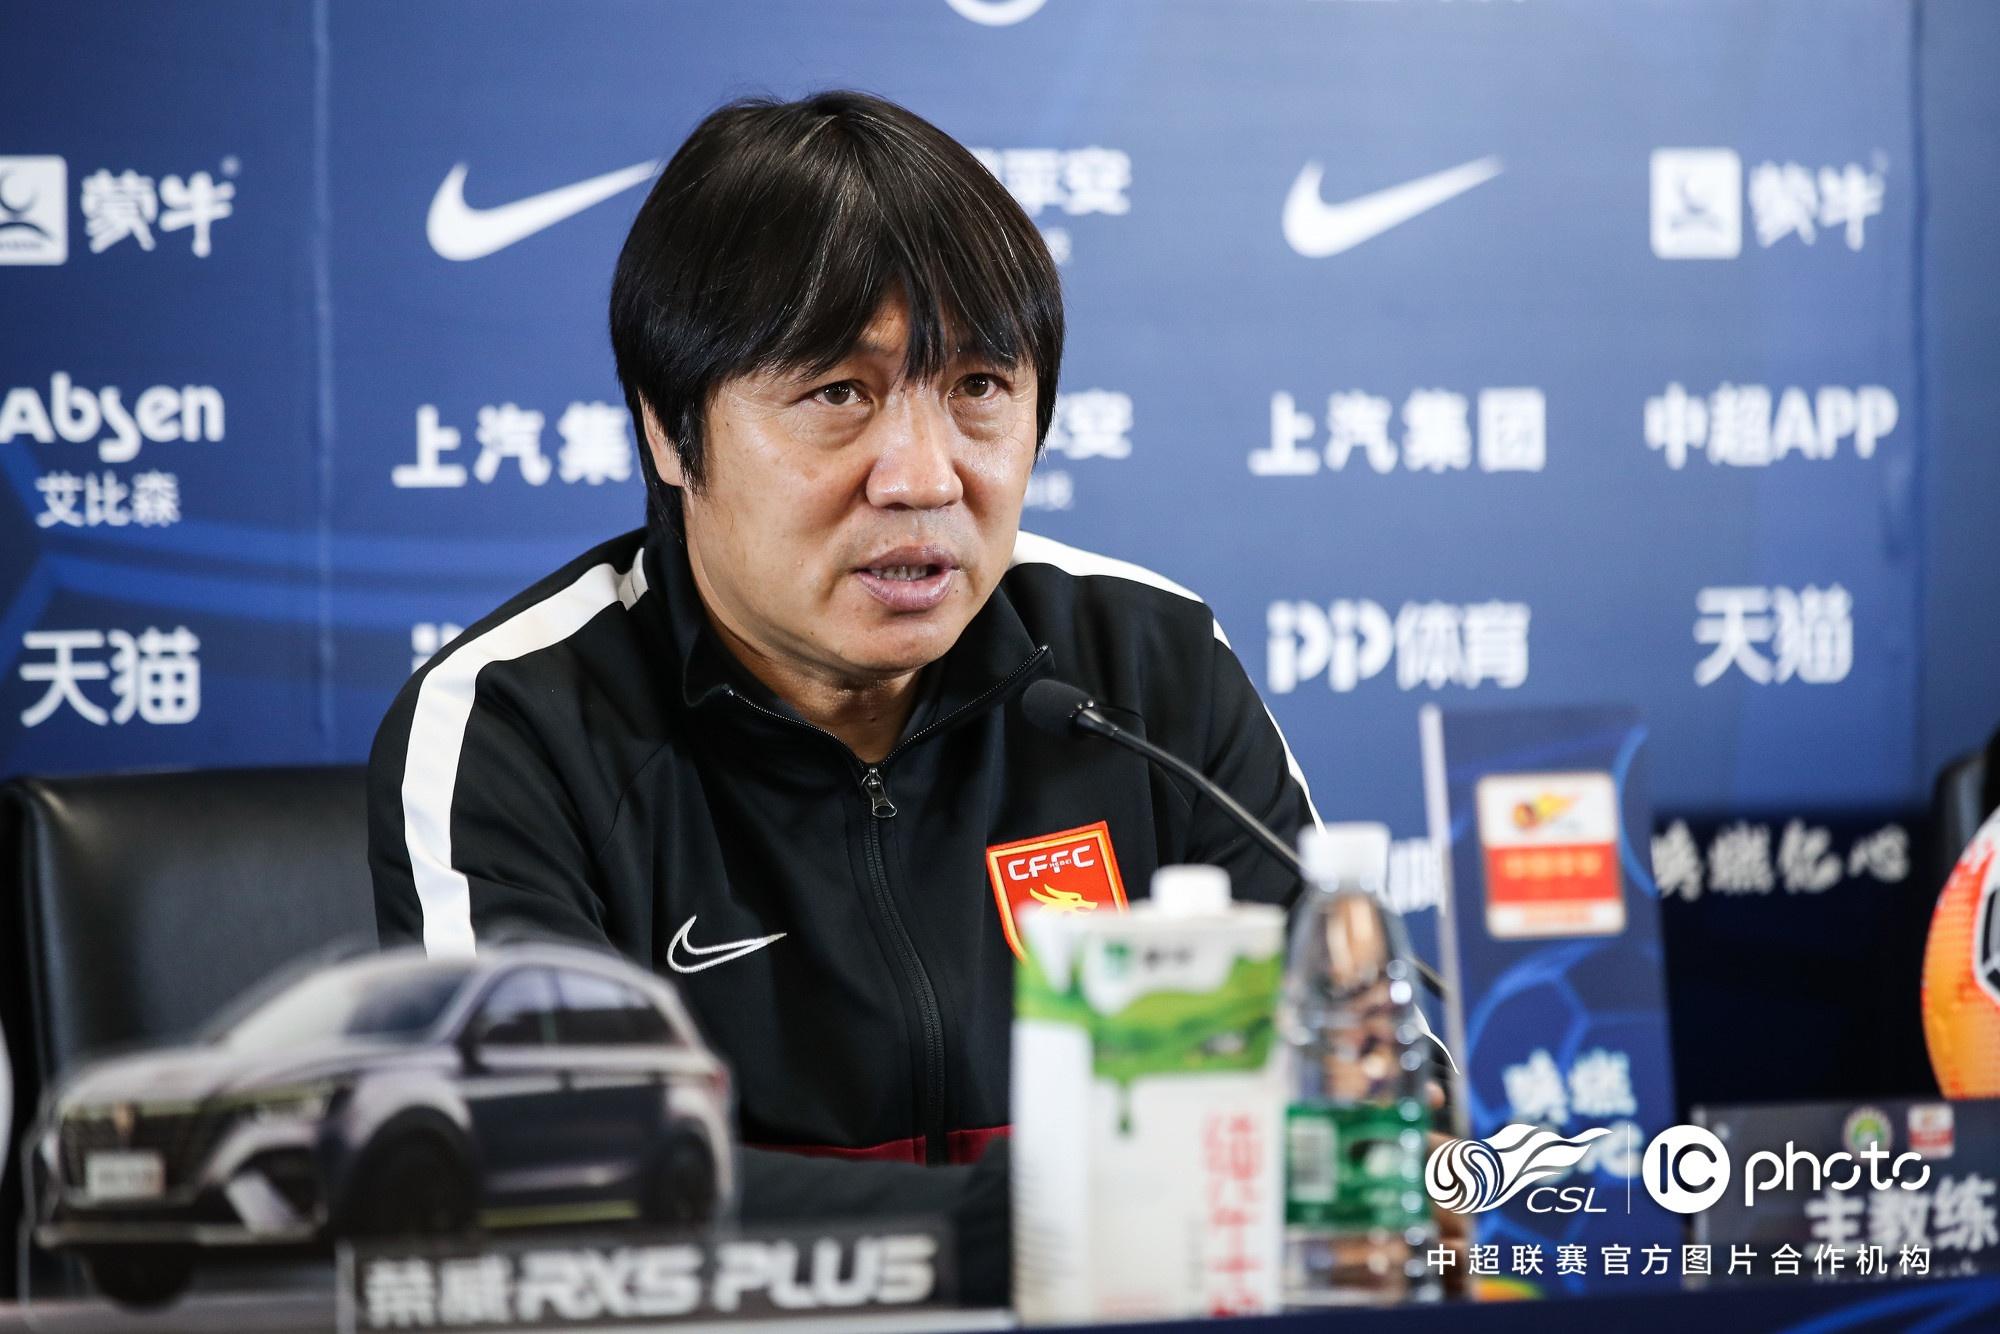 赛后声音   谢峰:感谢河北球迷对球队的关心 吴金贵:很高兴看到拉多尼奇的比赛态度